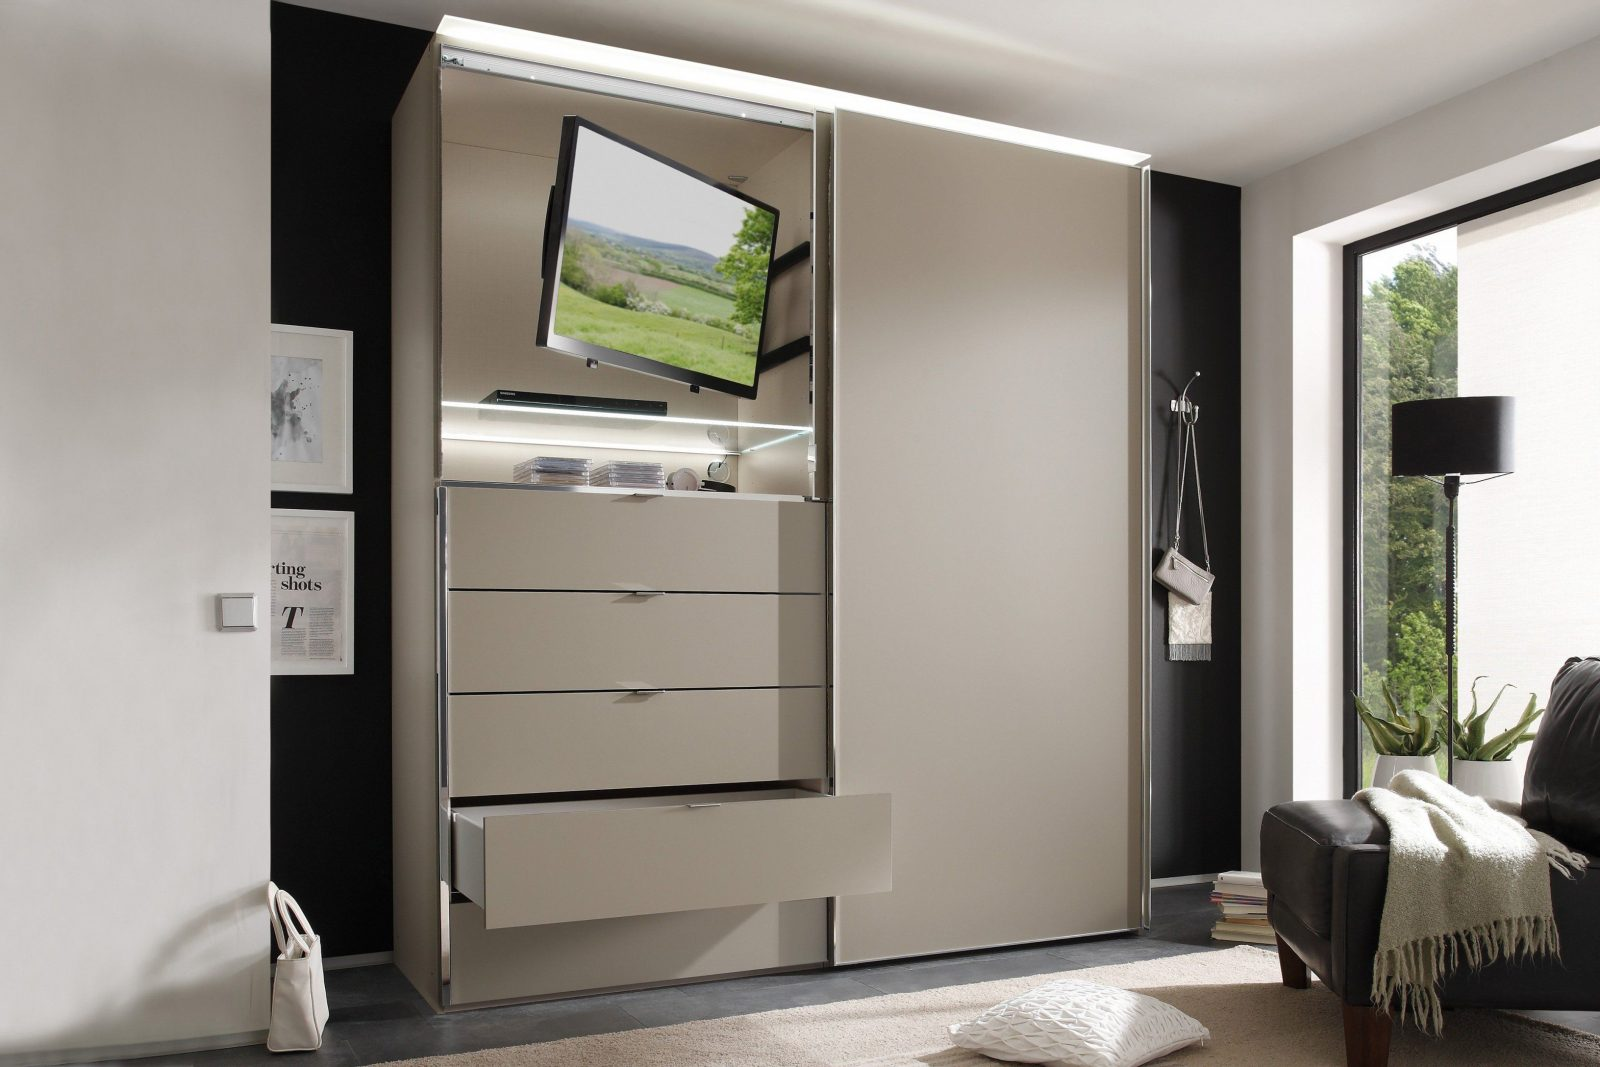 Staud Media Light Schrank Umbra  Möbel Letz  Ihr Onlineshop von Kleiderschrank Mit Tv Fach Bild